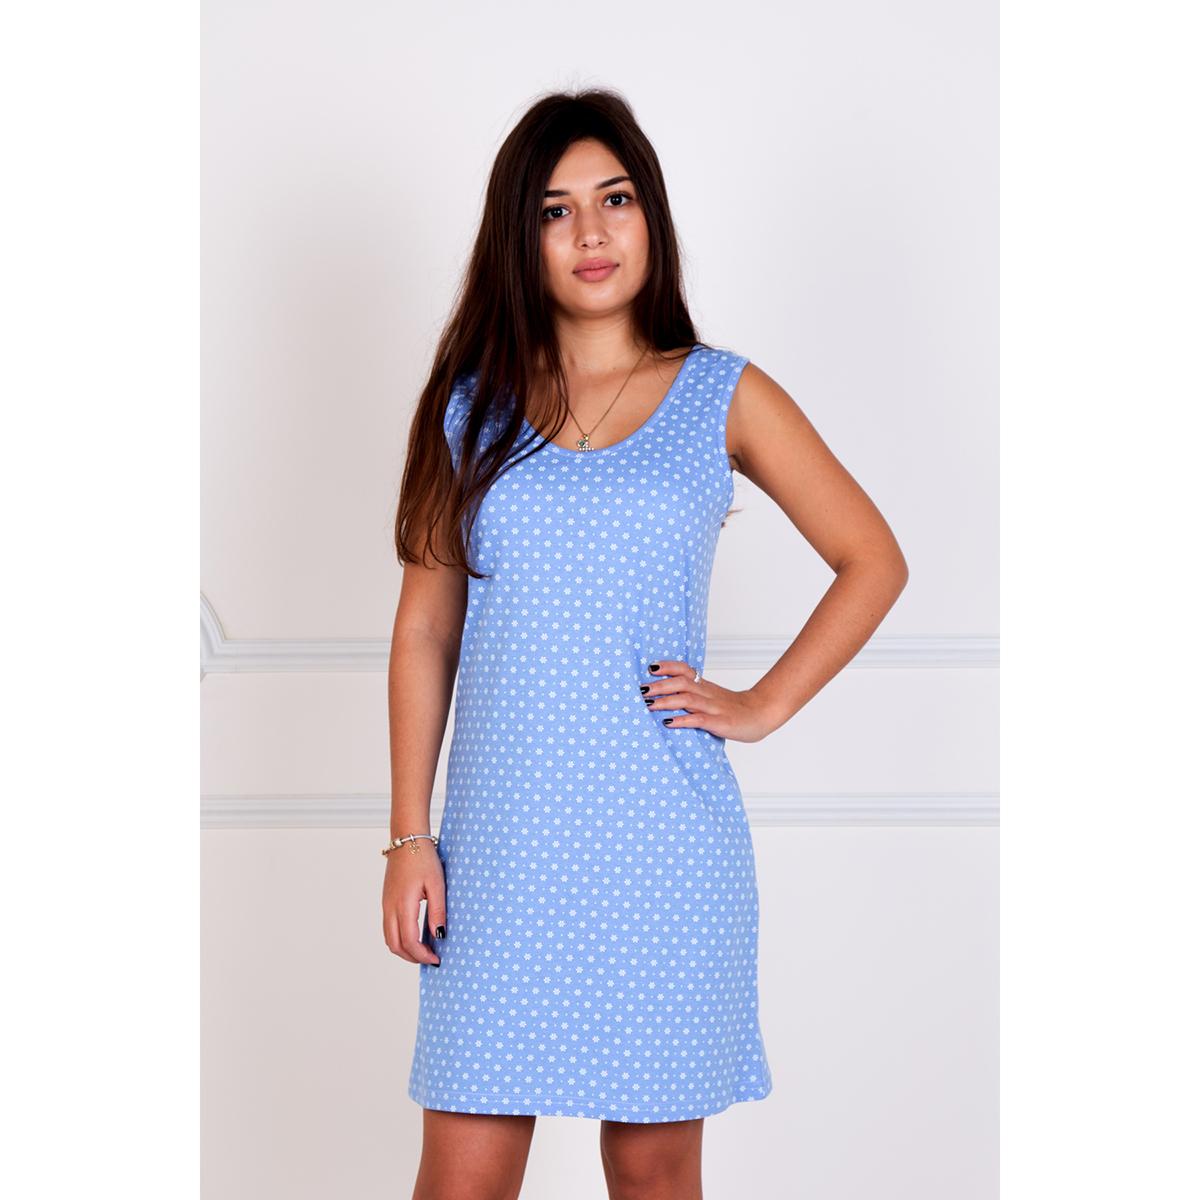 """Женская сорочка """"Влада"""" Голубой, размер 44 Лика Дресс"""